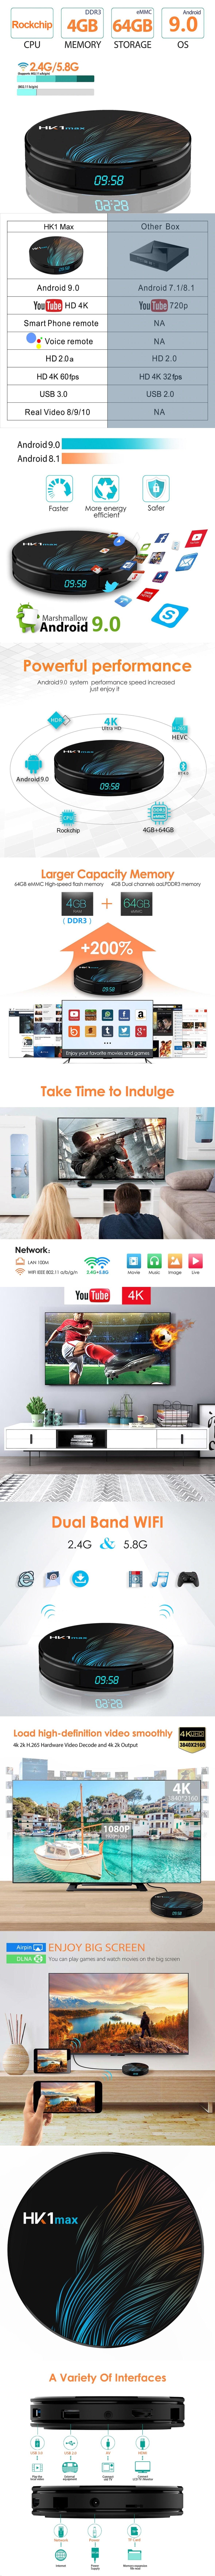 Prezentare-TV-Box-HK1-Max-RK33182a89e13c35c673ac.jpg